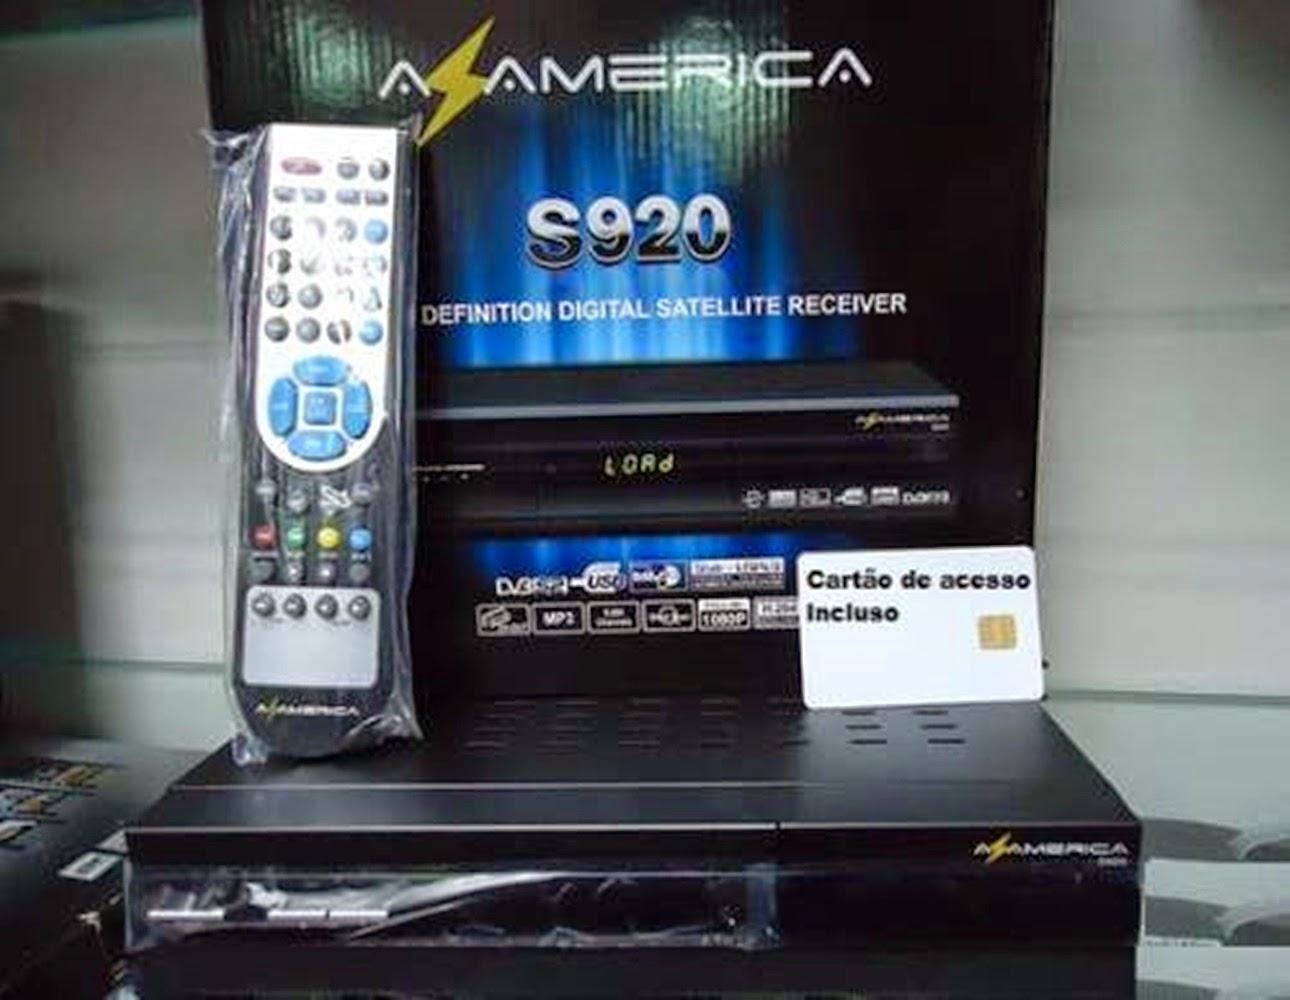 AZAMERICA - AZAMERICA S920 NOVA ATUALIZAÇÃO MODIFICADA 11